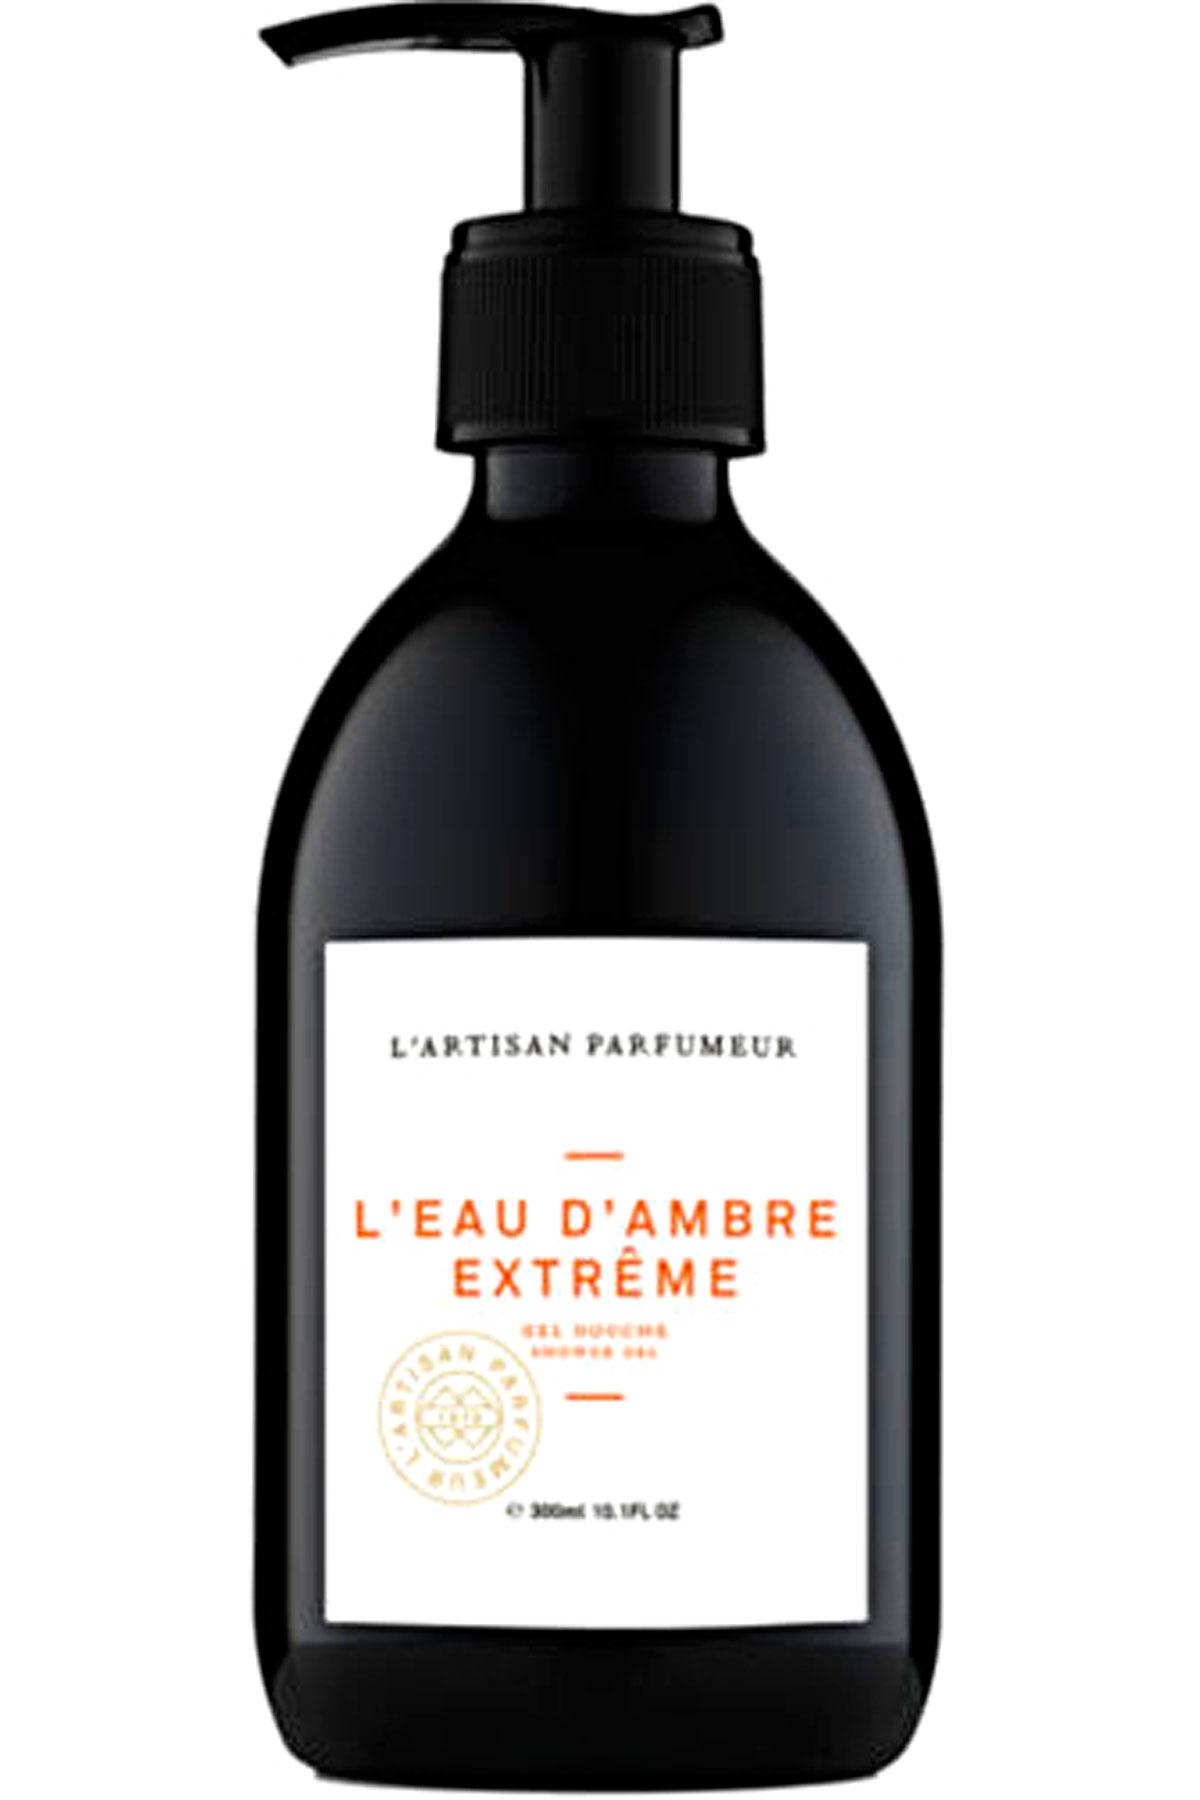 Artisan Parfumeur Beauty for Women, L Eau D Ambre Extreme - Shower Gel -300 Ml, 2019, 300 ml